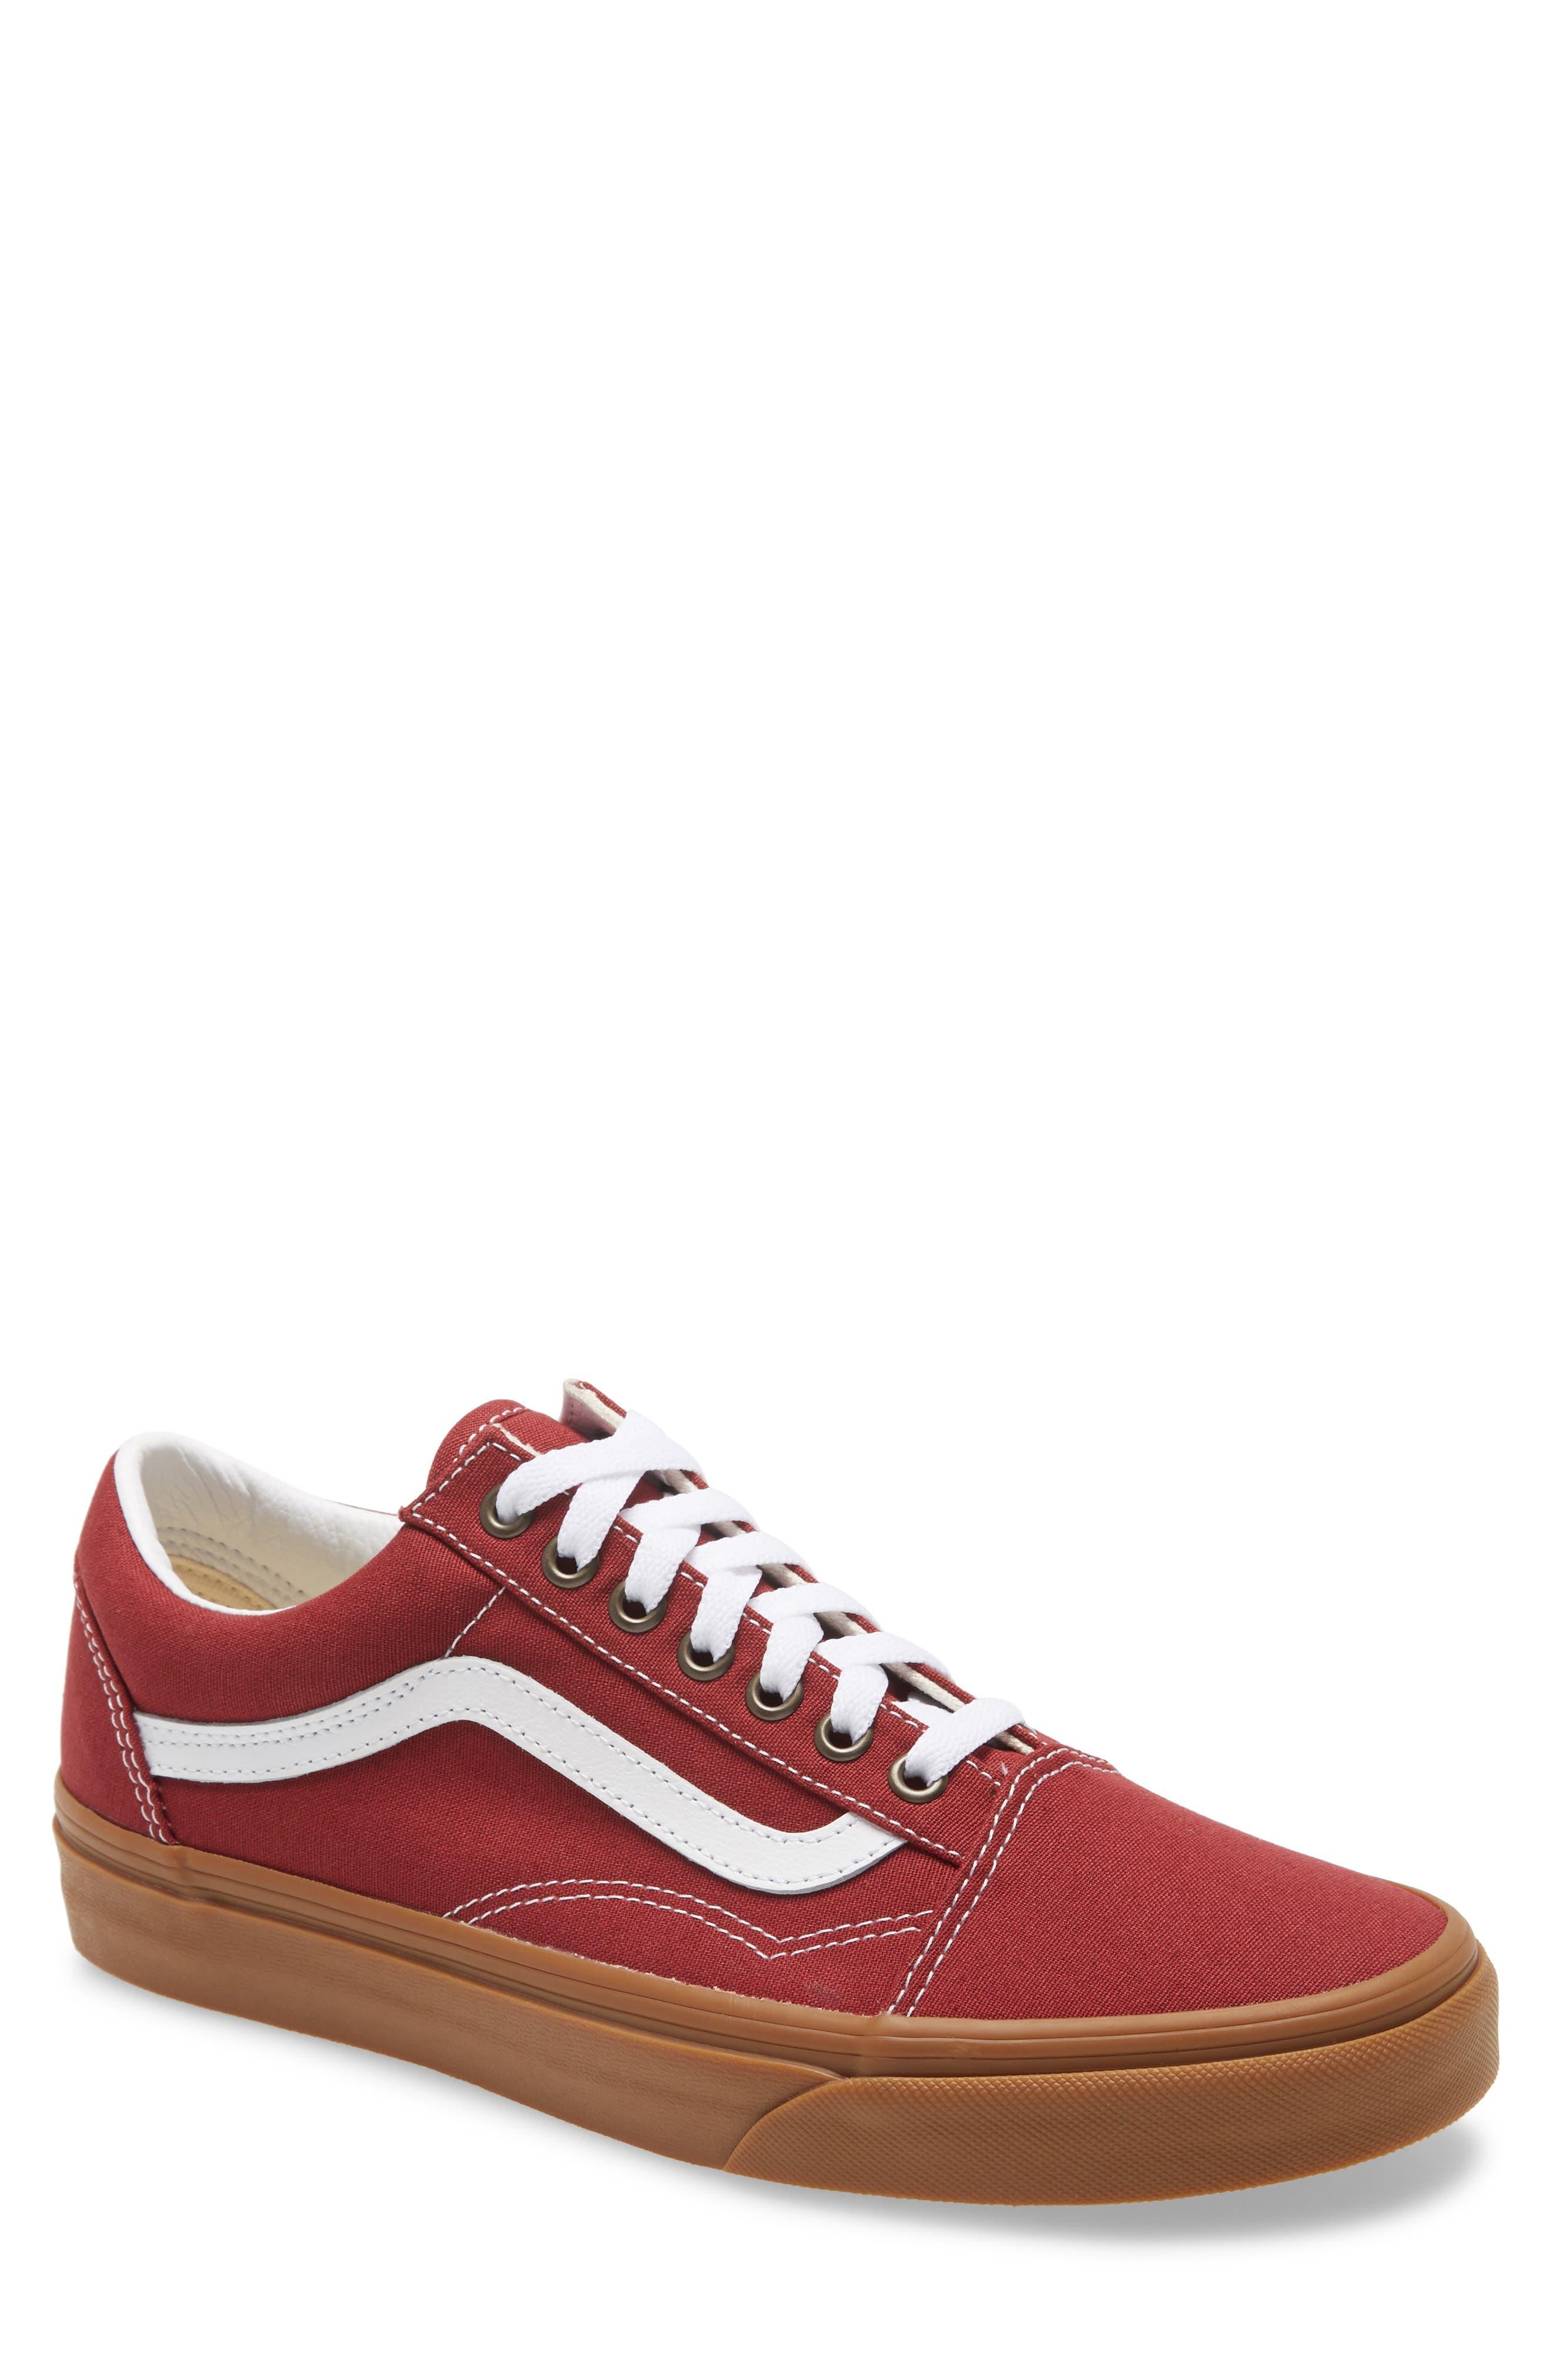 Image of VANS Era Sneaker